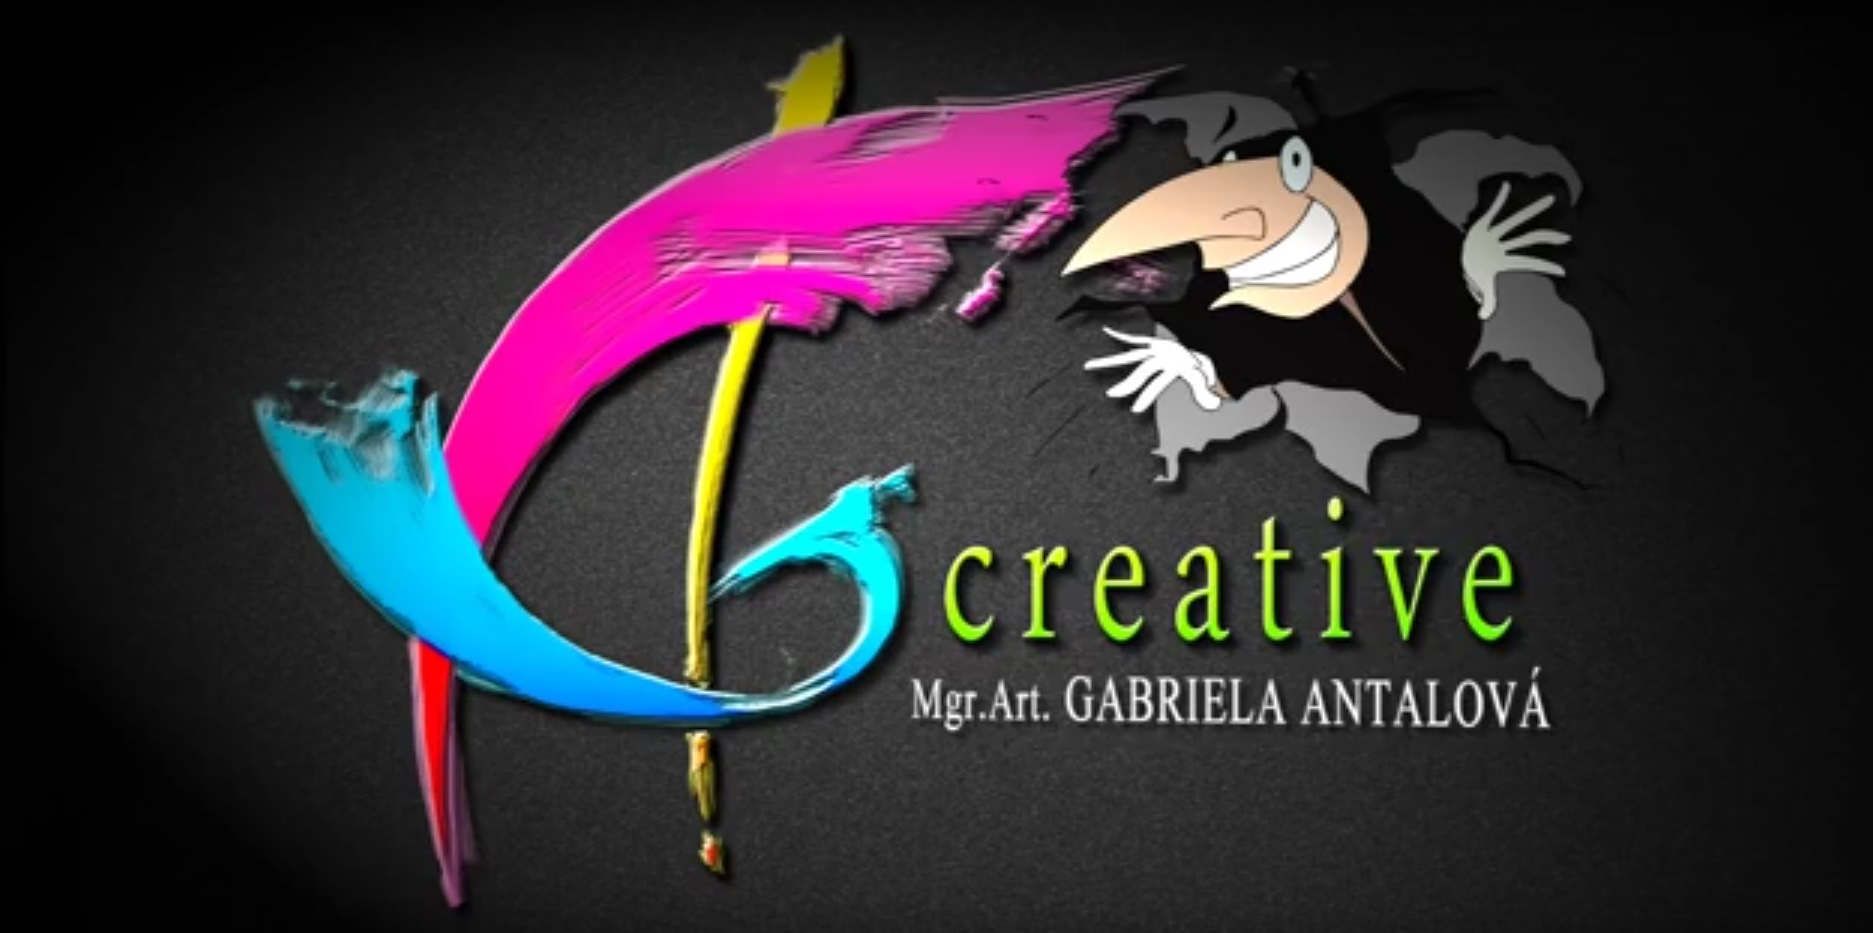 AG creative